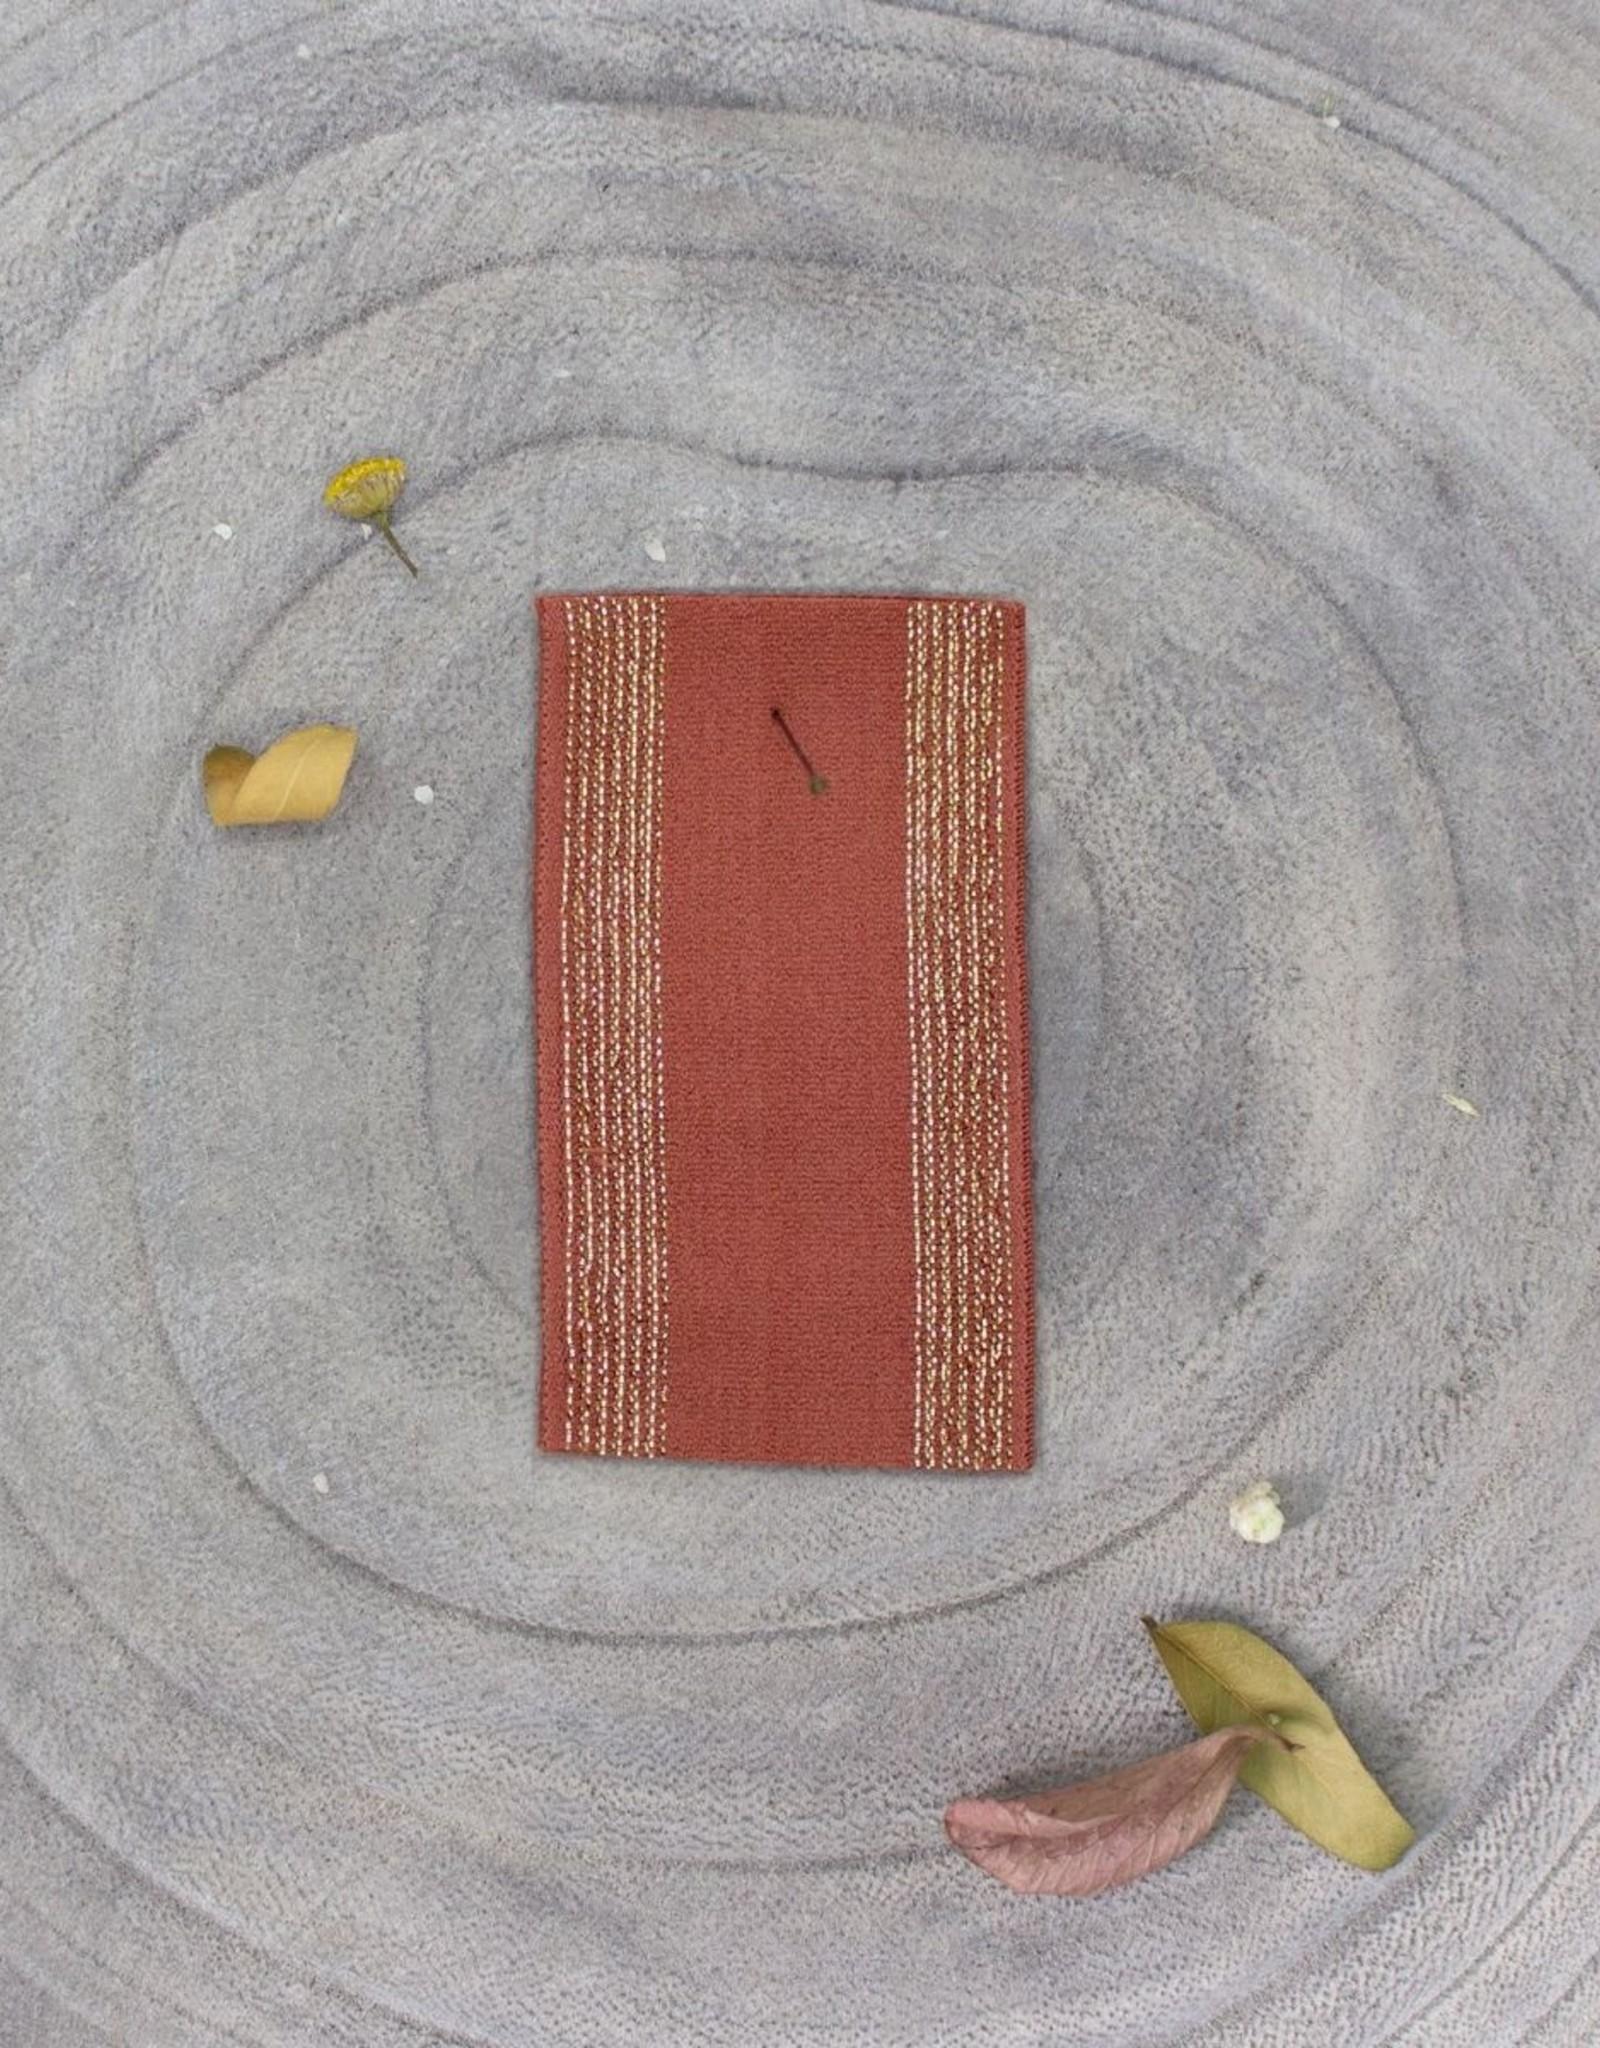 Atelier Brunette Zachte Elastiek  - Stripes - Chestnut